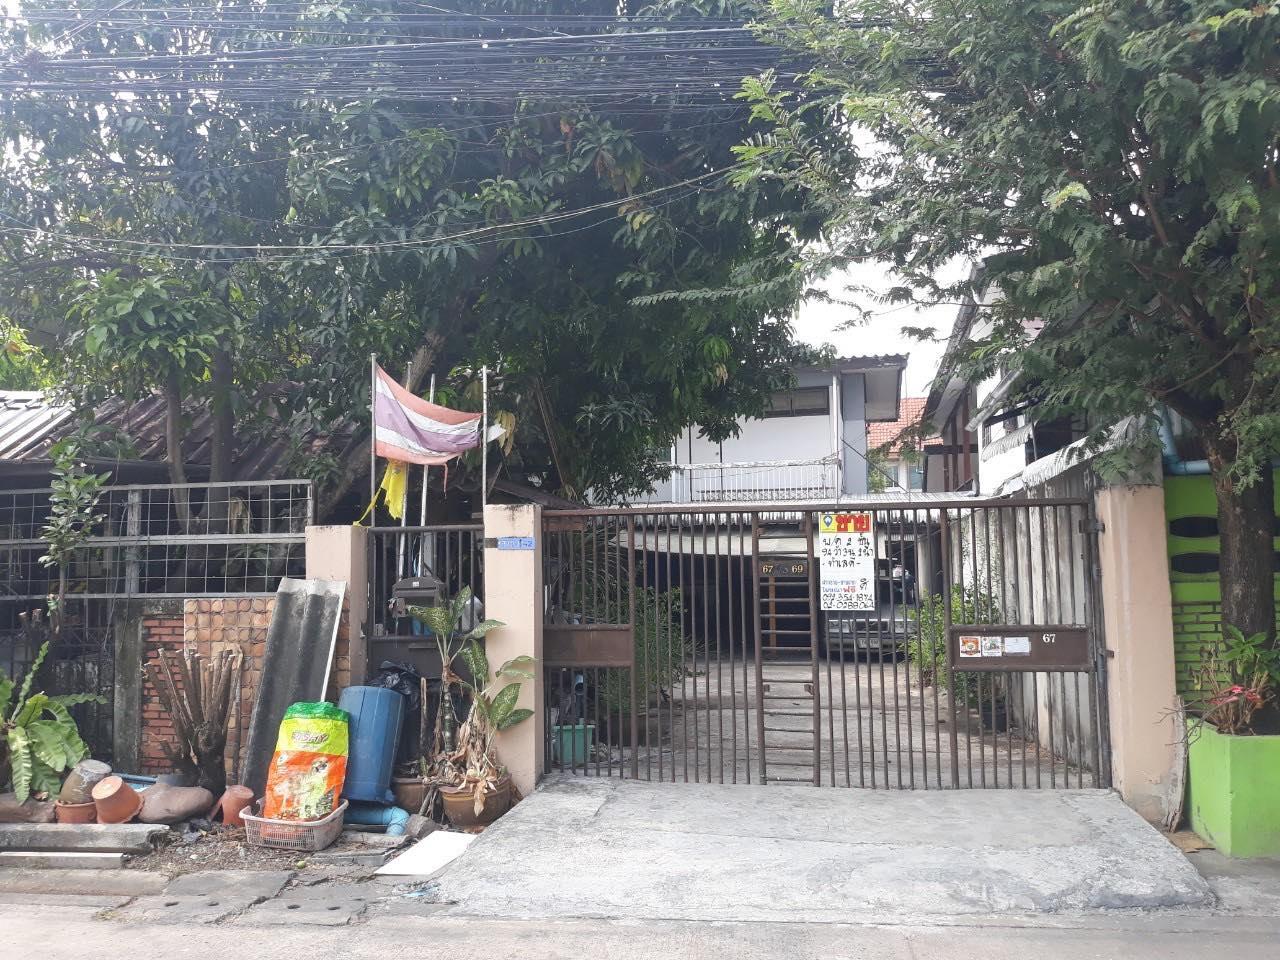 ภาพขายบ้านเดี่ยว 2 ชั้น ซอยติวานนท์41 (รหัสทรัพย์202137) ต.ท่าทราย อ.เมืองนนทบุรี จ.นนทบุรี ขนาด 94 ตรว